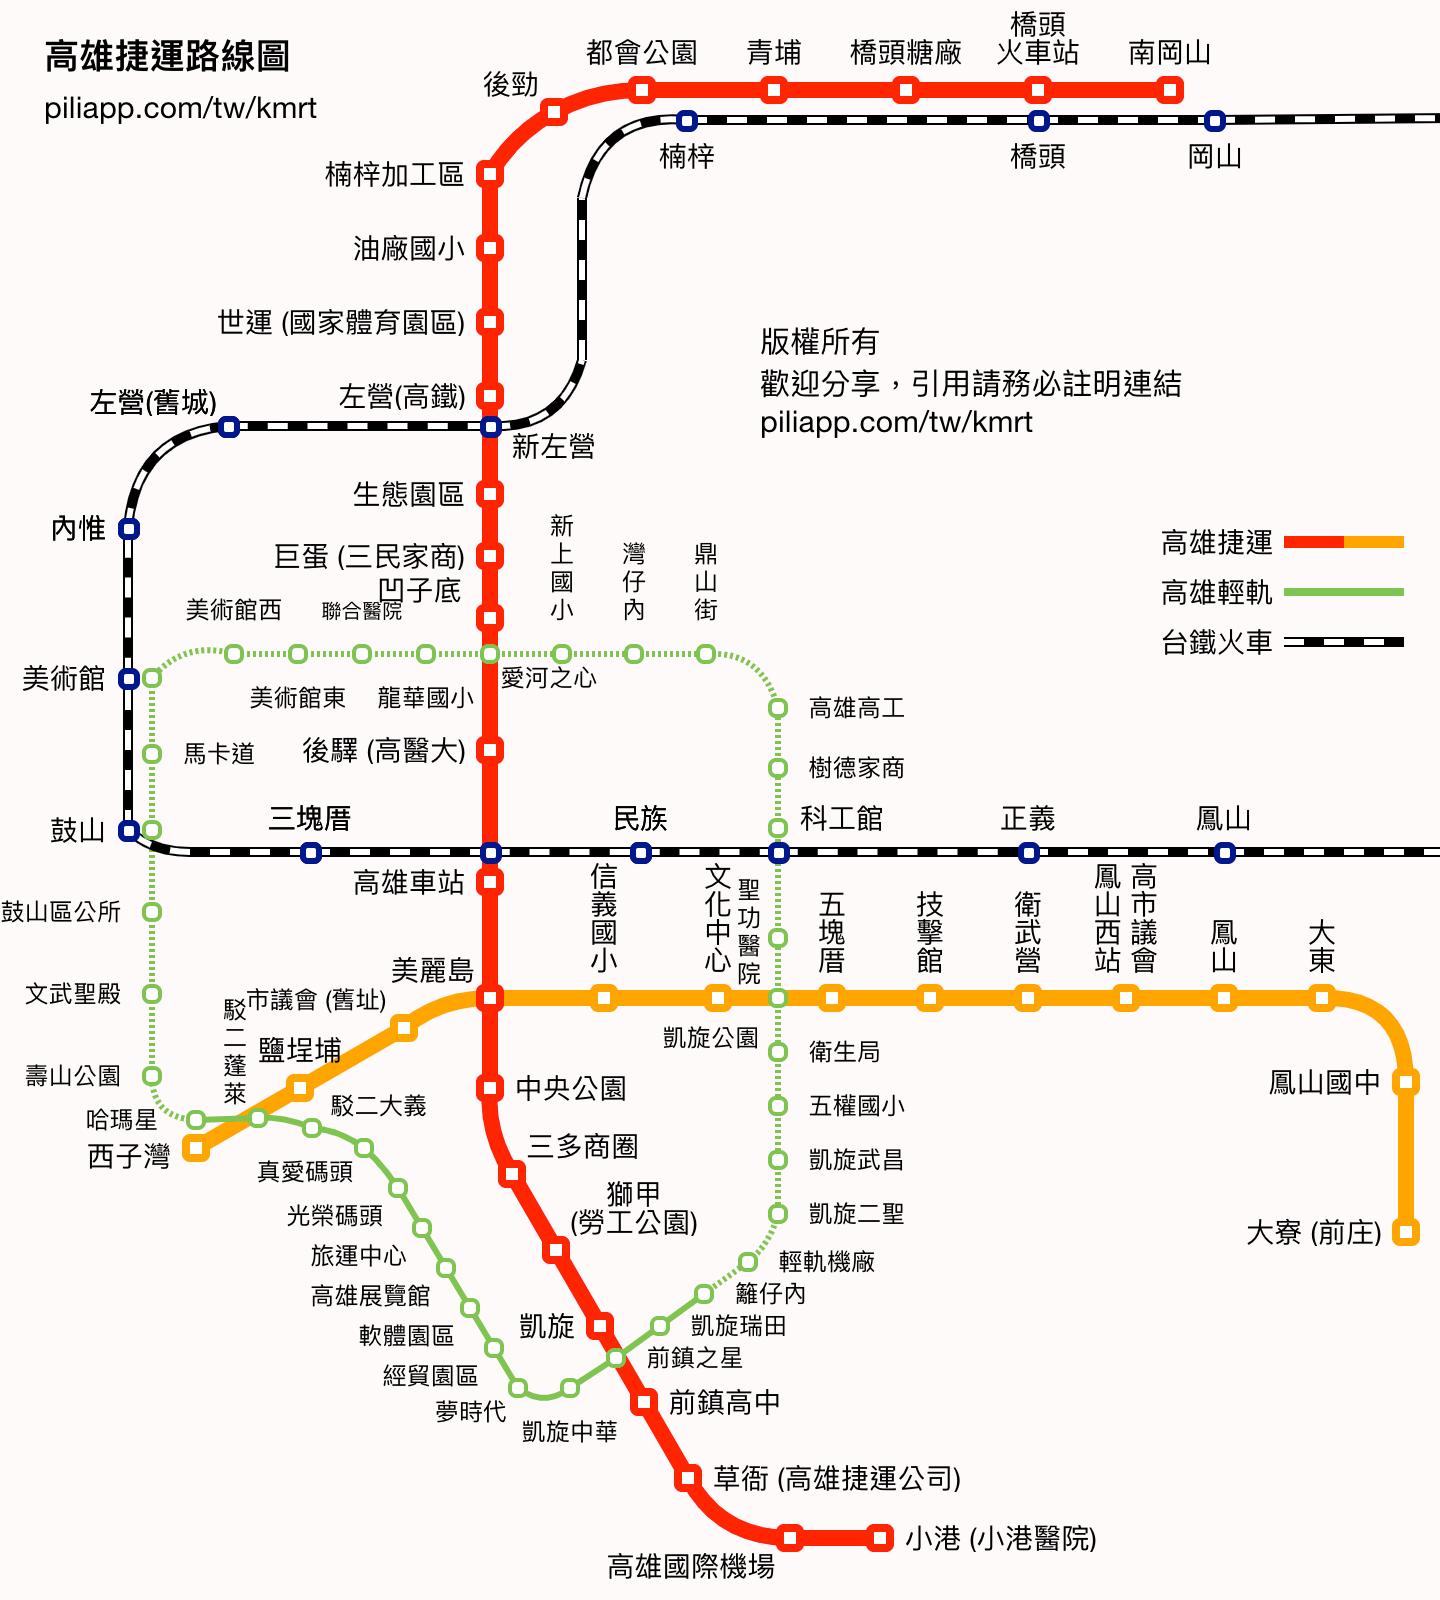 高雄捷運路線圖 - 票價和行車時間